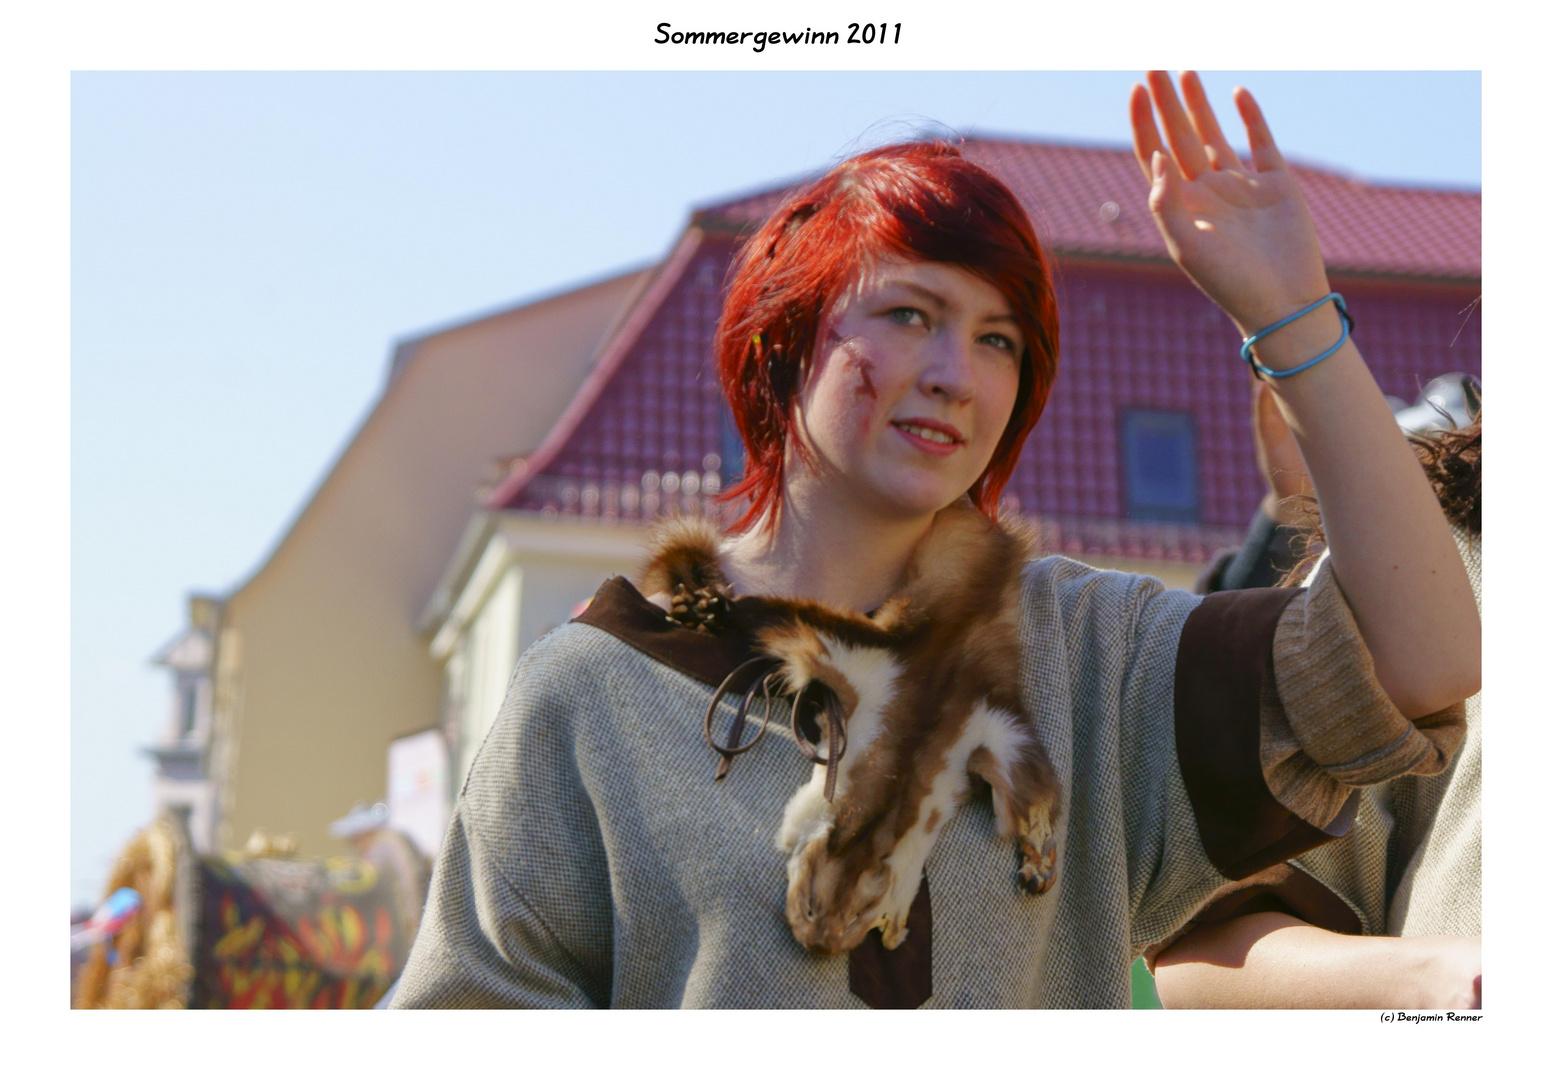 Germanin beim Sommergewinn 2011